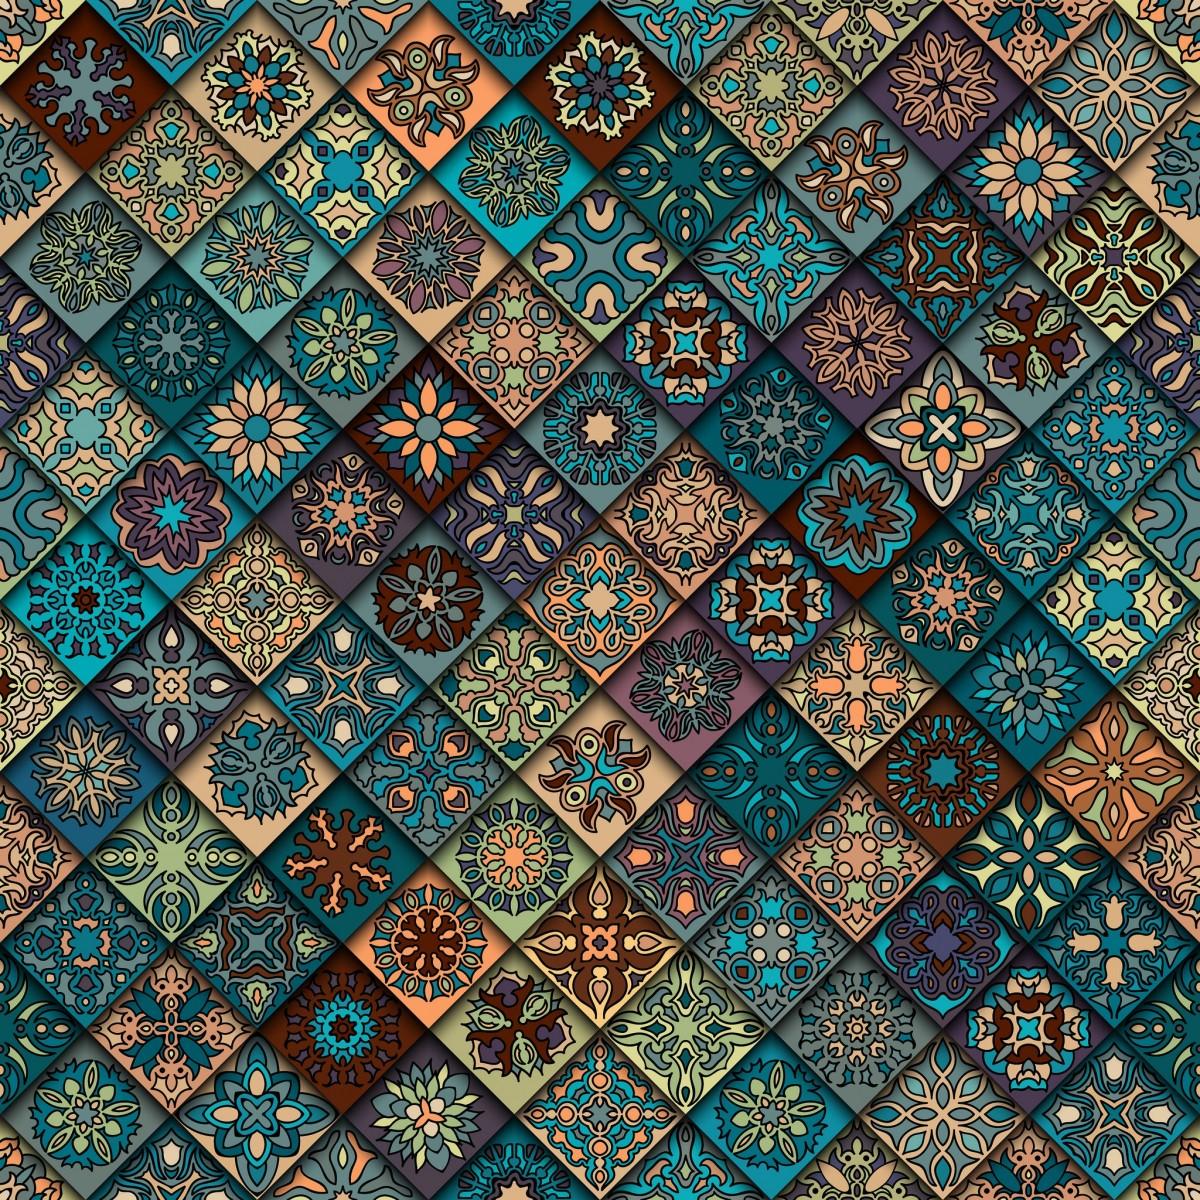 O quebra-cabeça Recolher o quebra-cabeças on-line - Diagonal tile